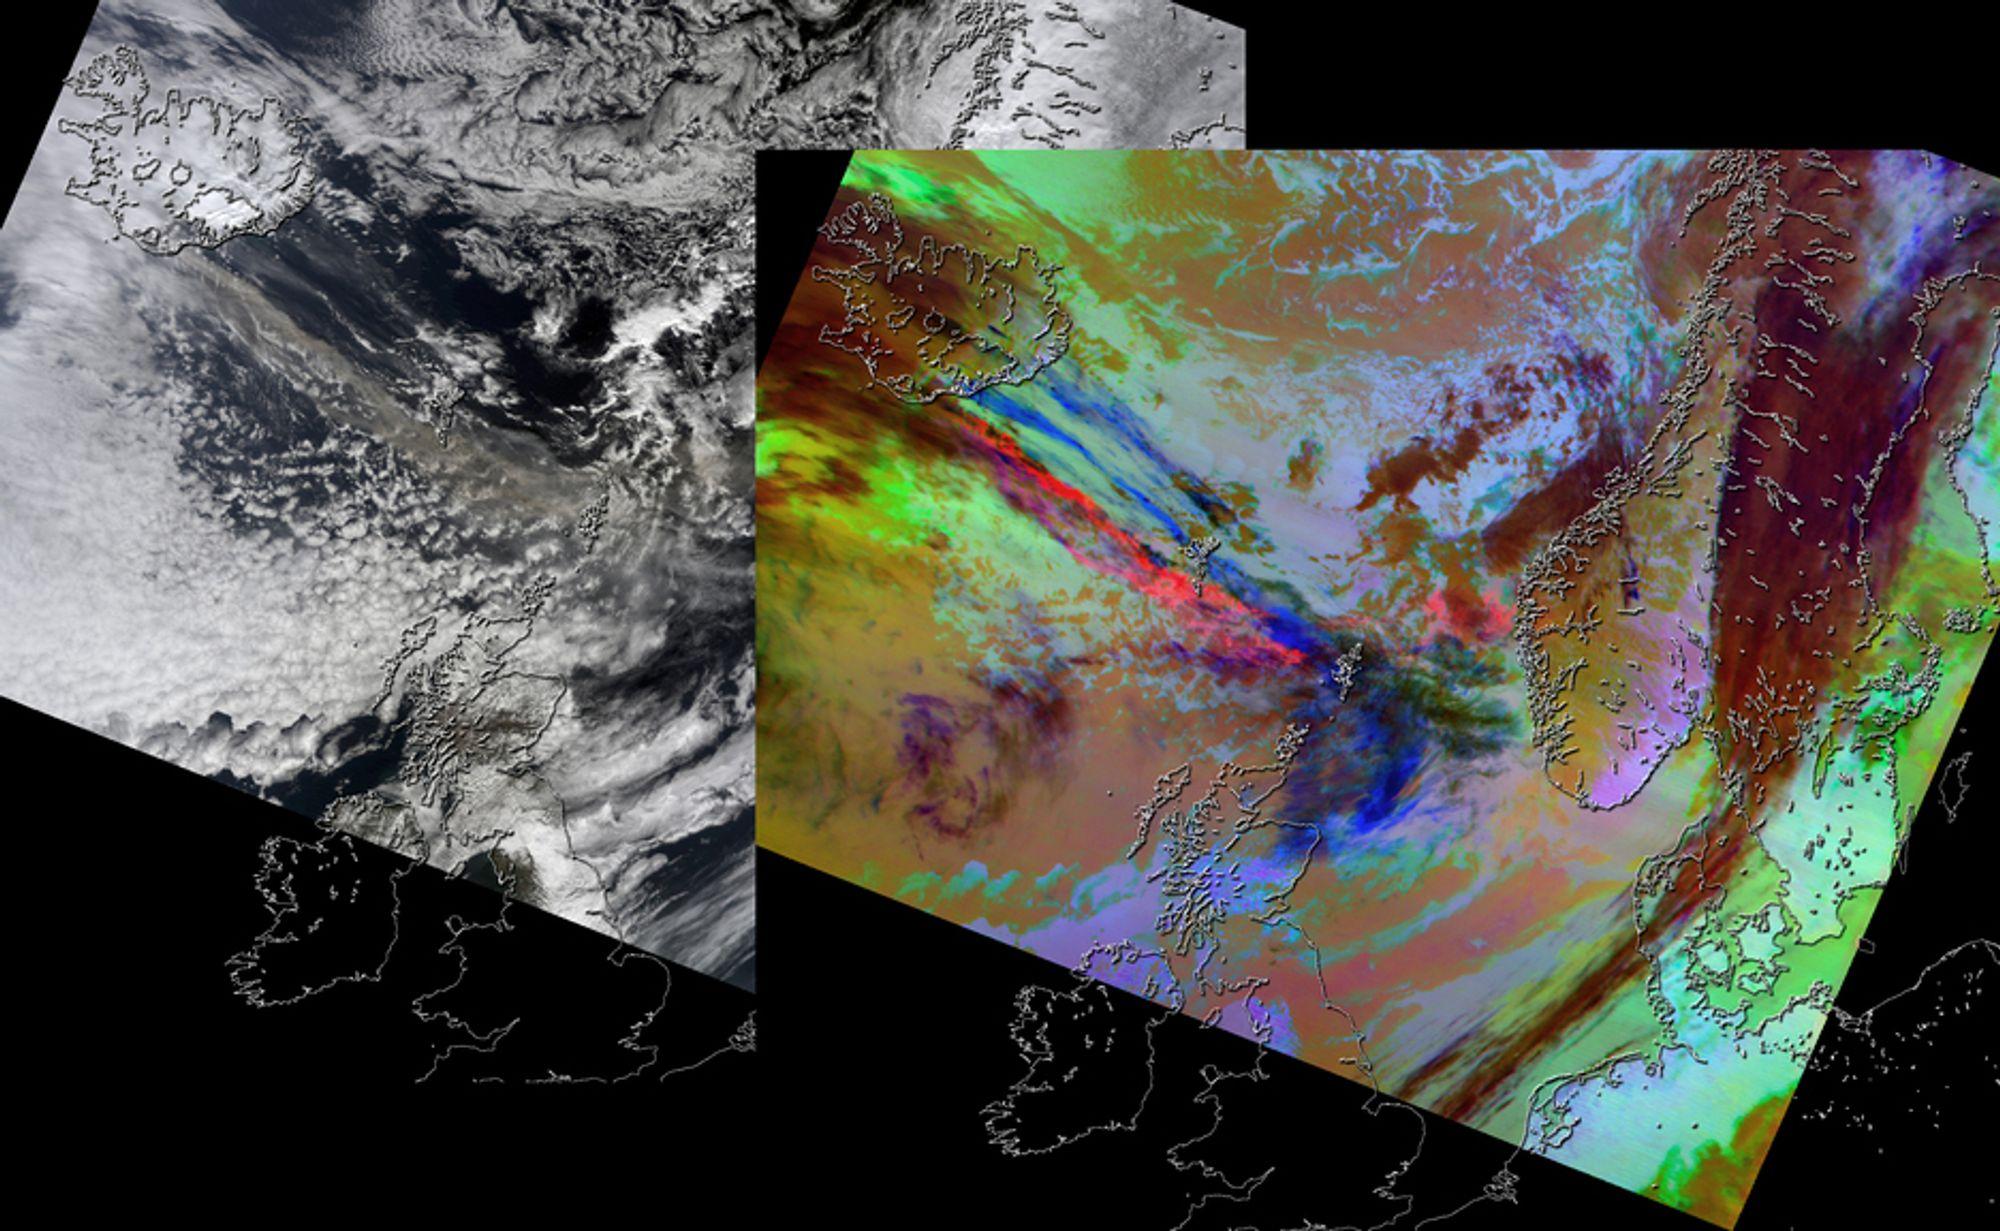 FARGEANALYSE: De pågående utslippene fra Eyafjallajökull vises på bilder tatt fra Nasas Terra-satellitt den 15. april. Instrumentet MODIS - Moderate Resolution Imaging Spectroradiometer gir mange ulike bilder fra ulike infrarøde kanaler. Til venstre vises hvordan de ser ut i gråtoner, mens til høyre vises en kompositt fra de ulike termiske kanalene.